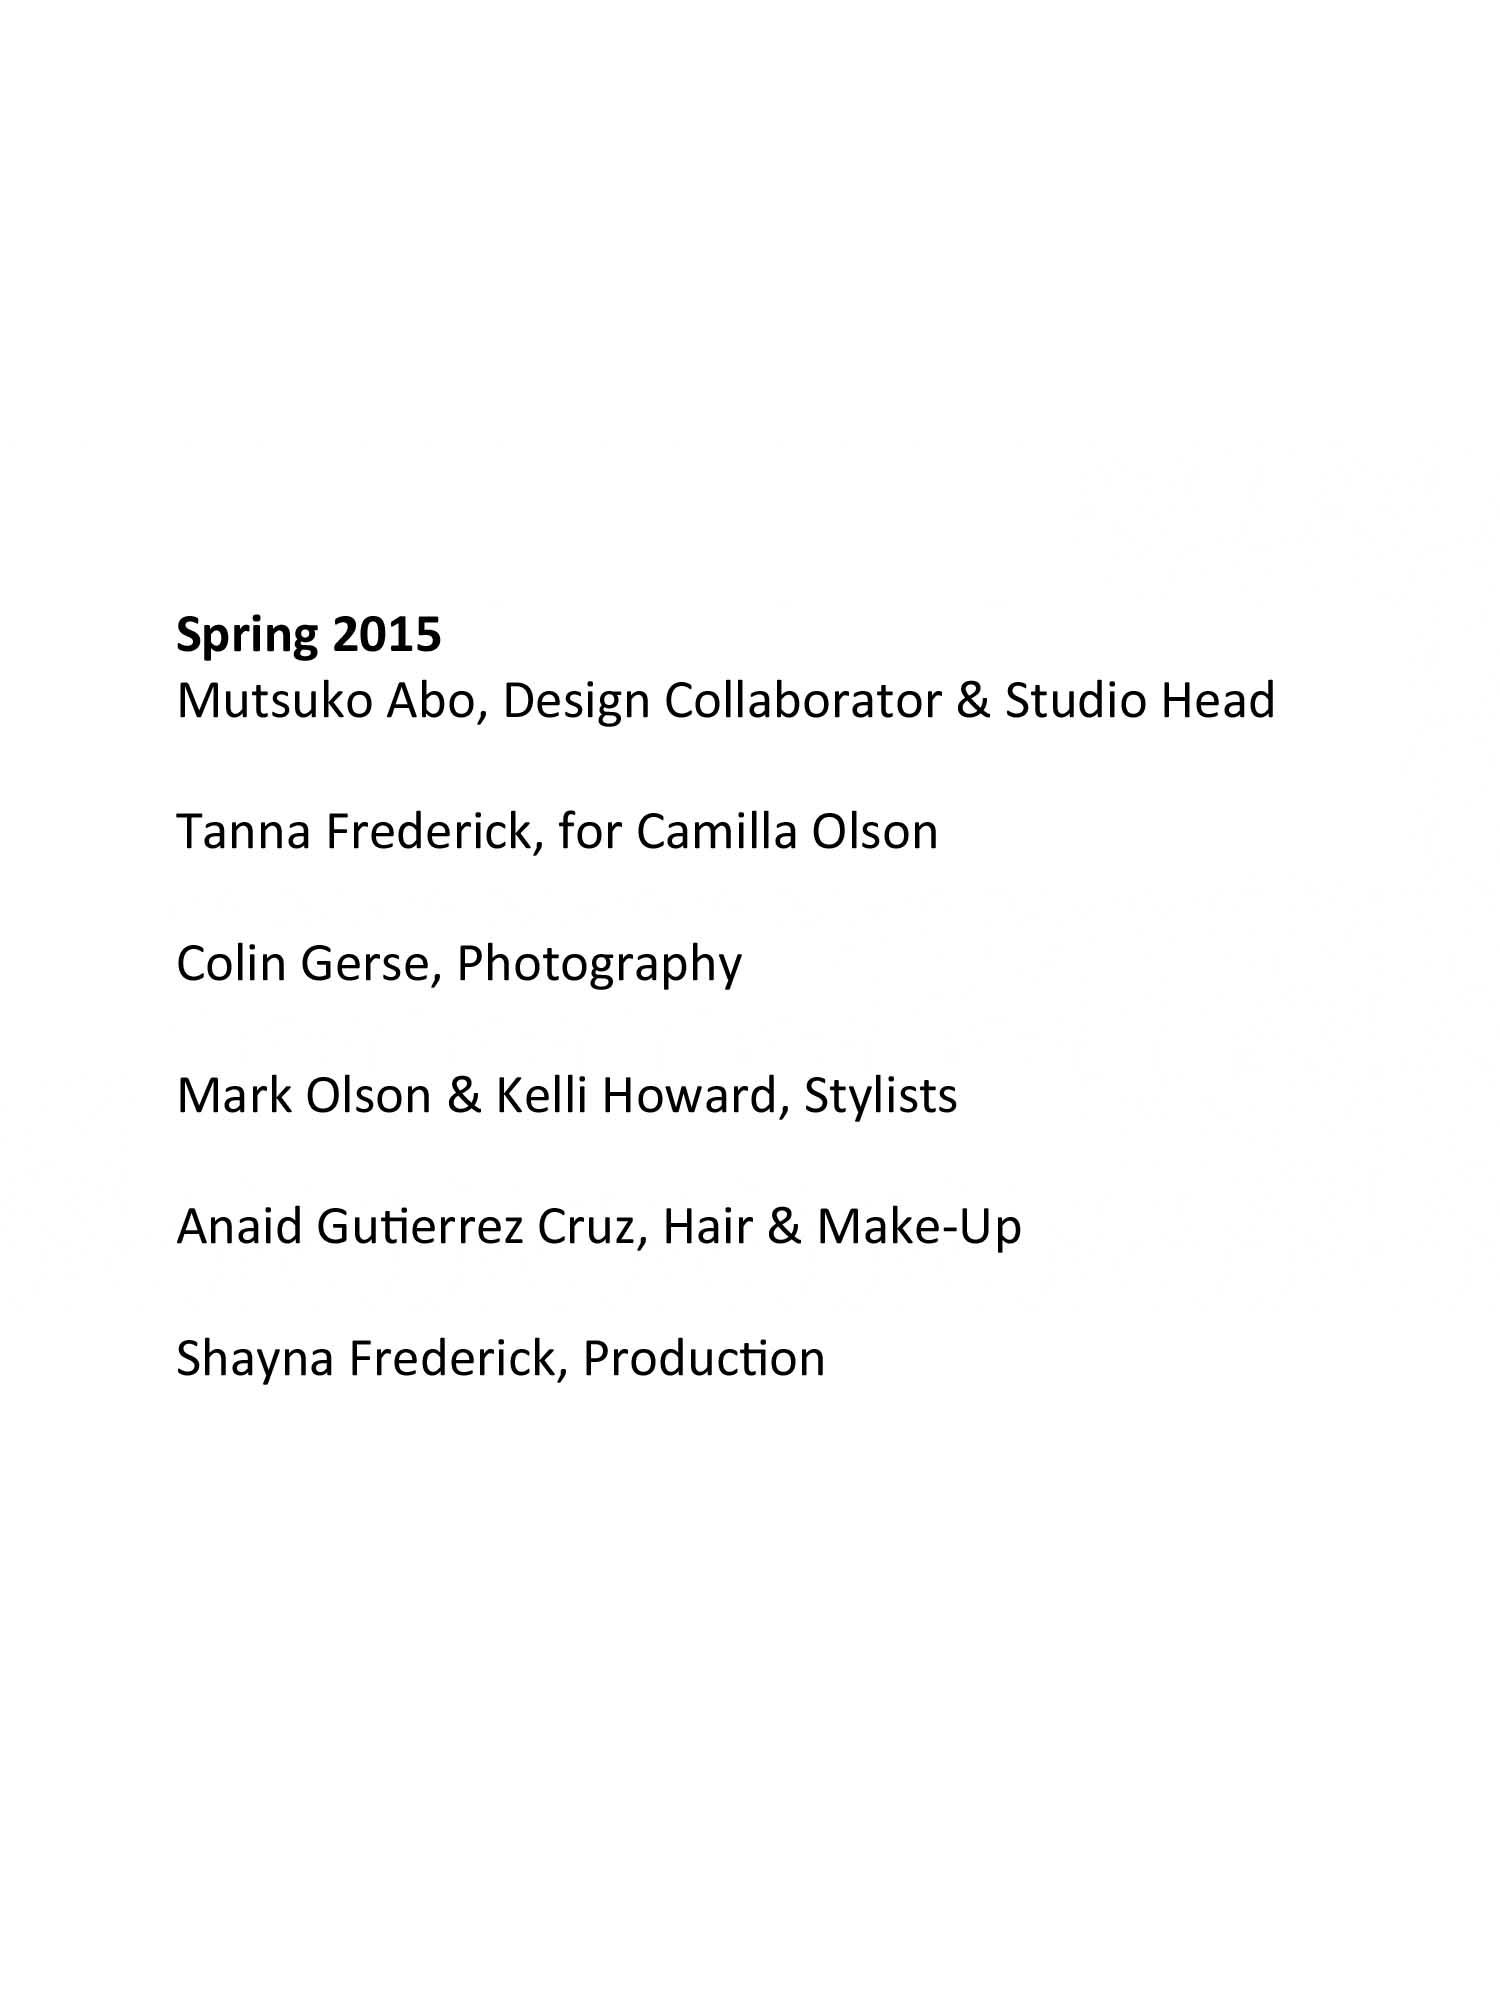 Spring 2015.jpg